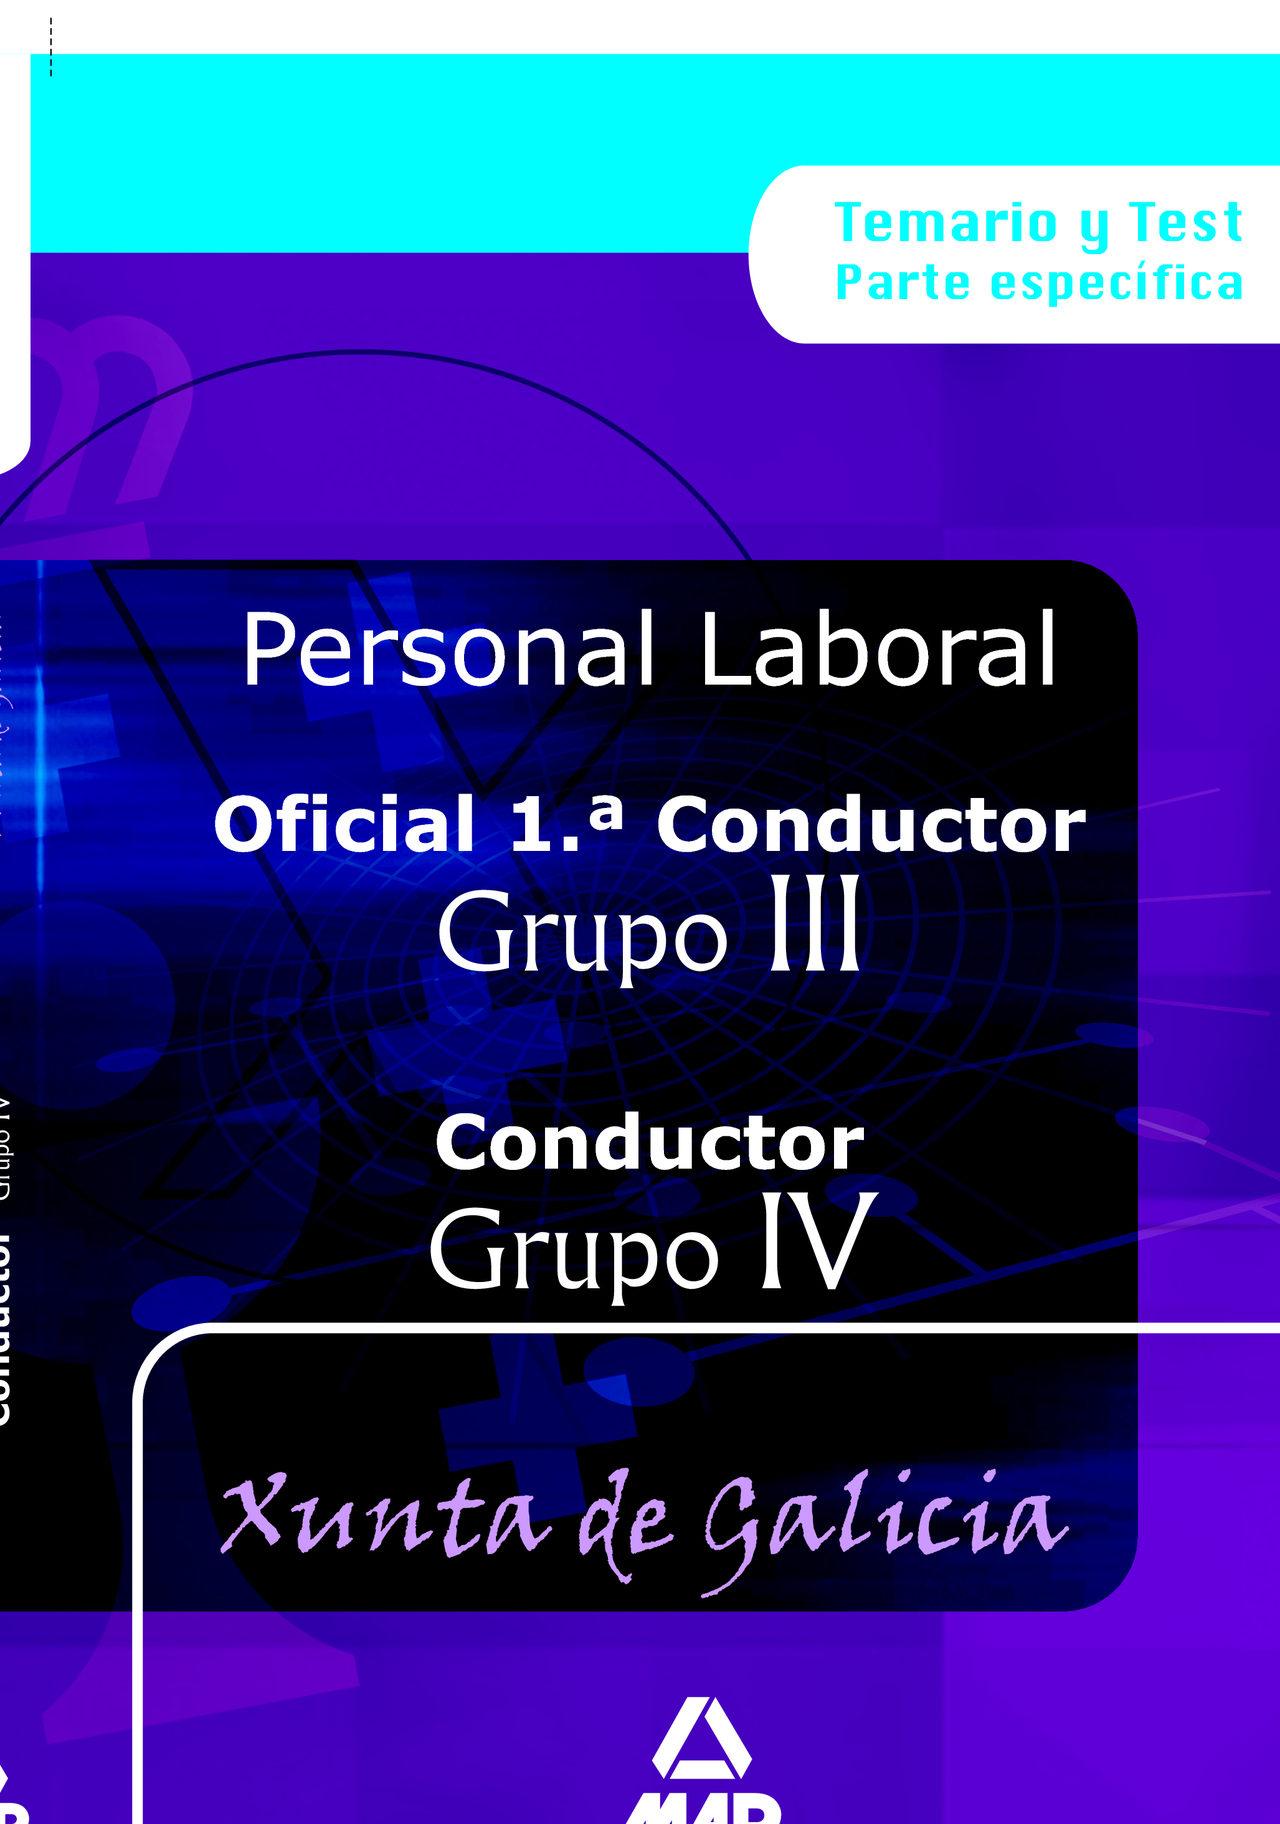 Oficial 1ª Conductores (grupo Iii) Y Conductores (grupo Iv): Pers Onal Laboral De La Xunta De Galicia: Temario Y Test por Vv.aa.